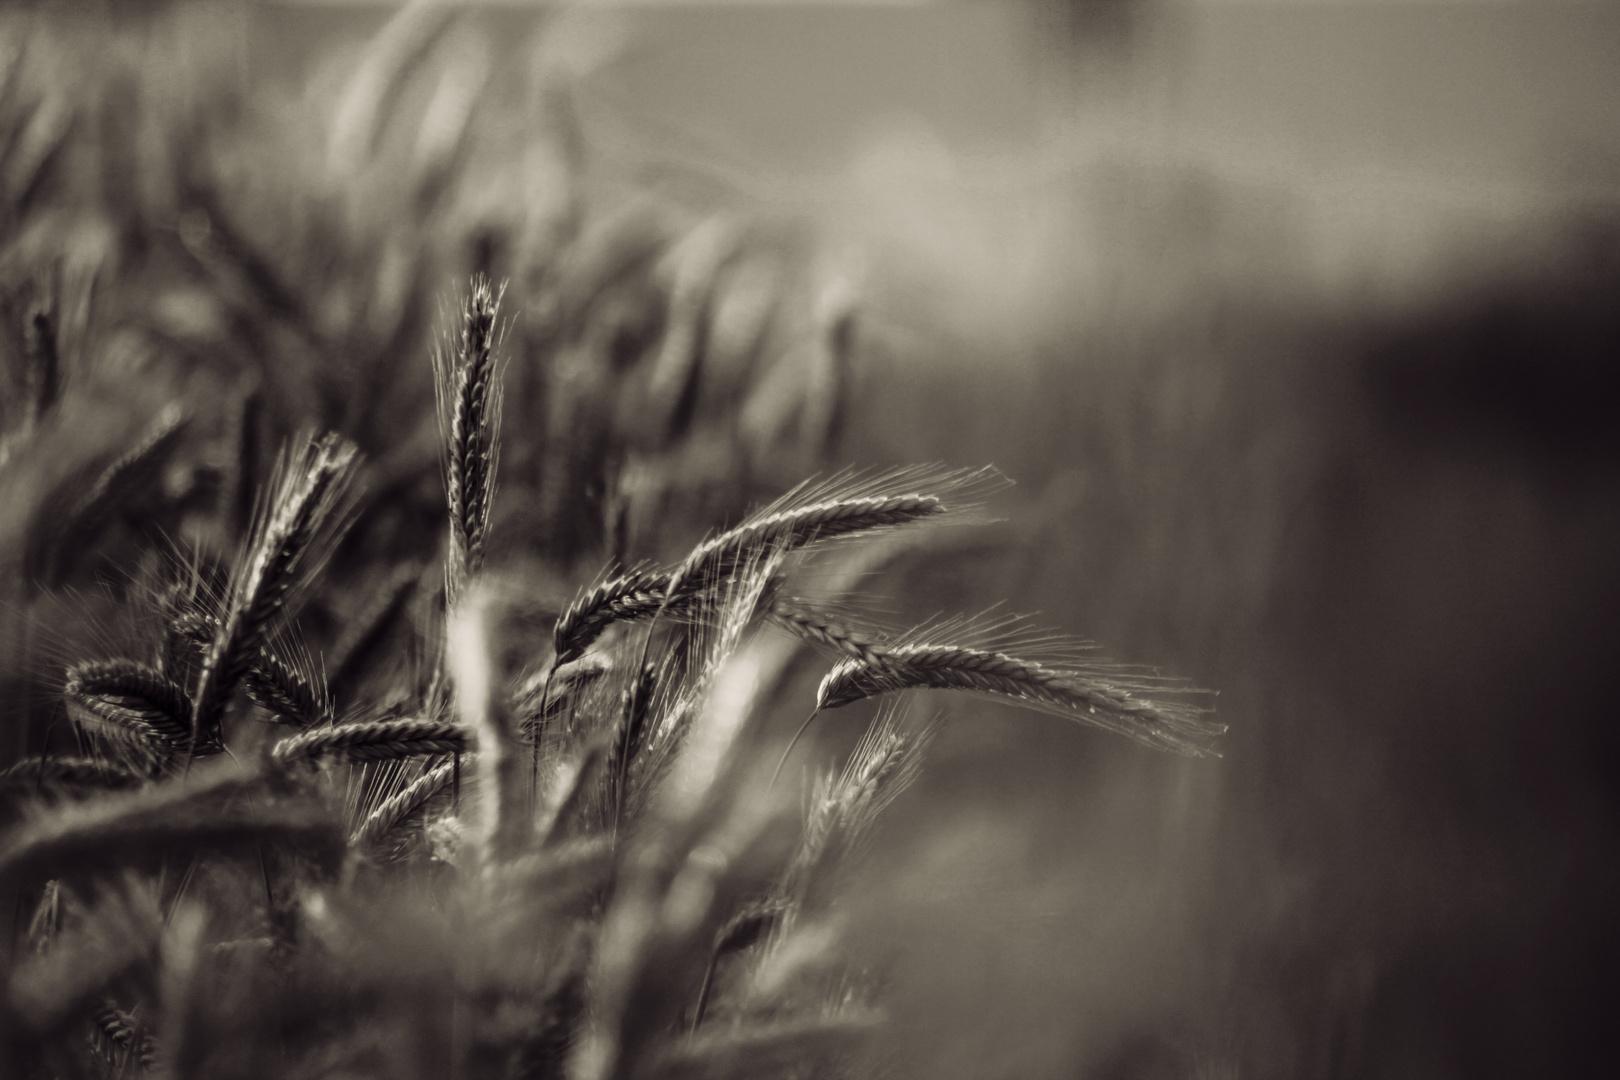 grain spikes